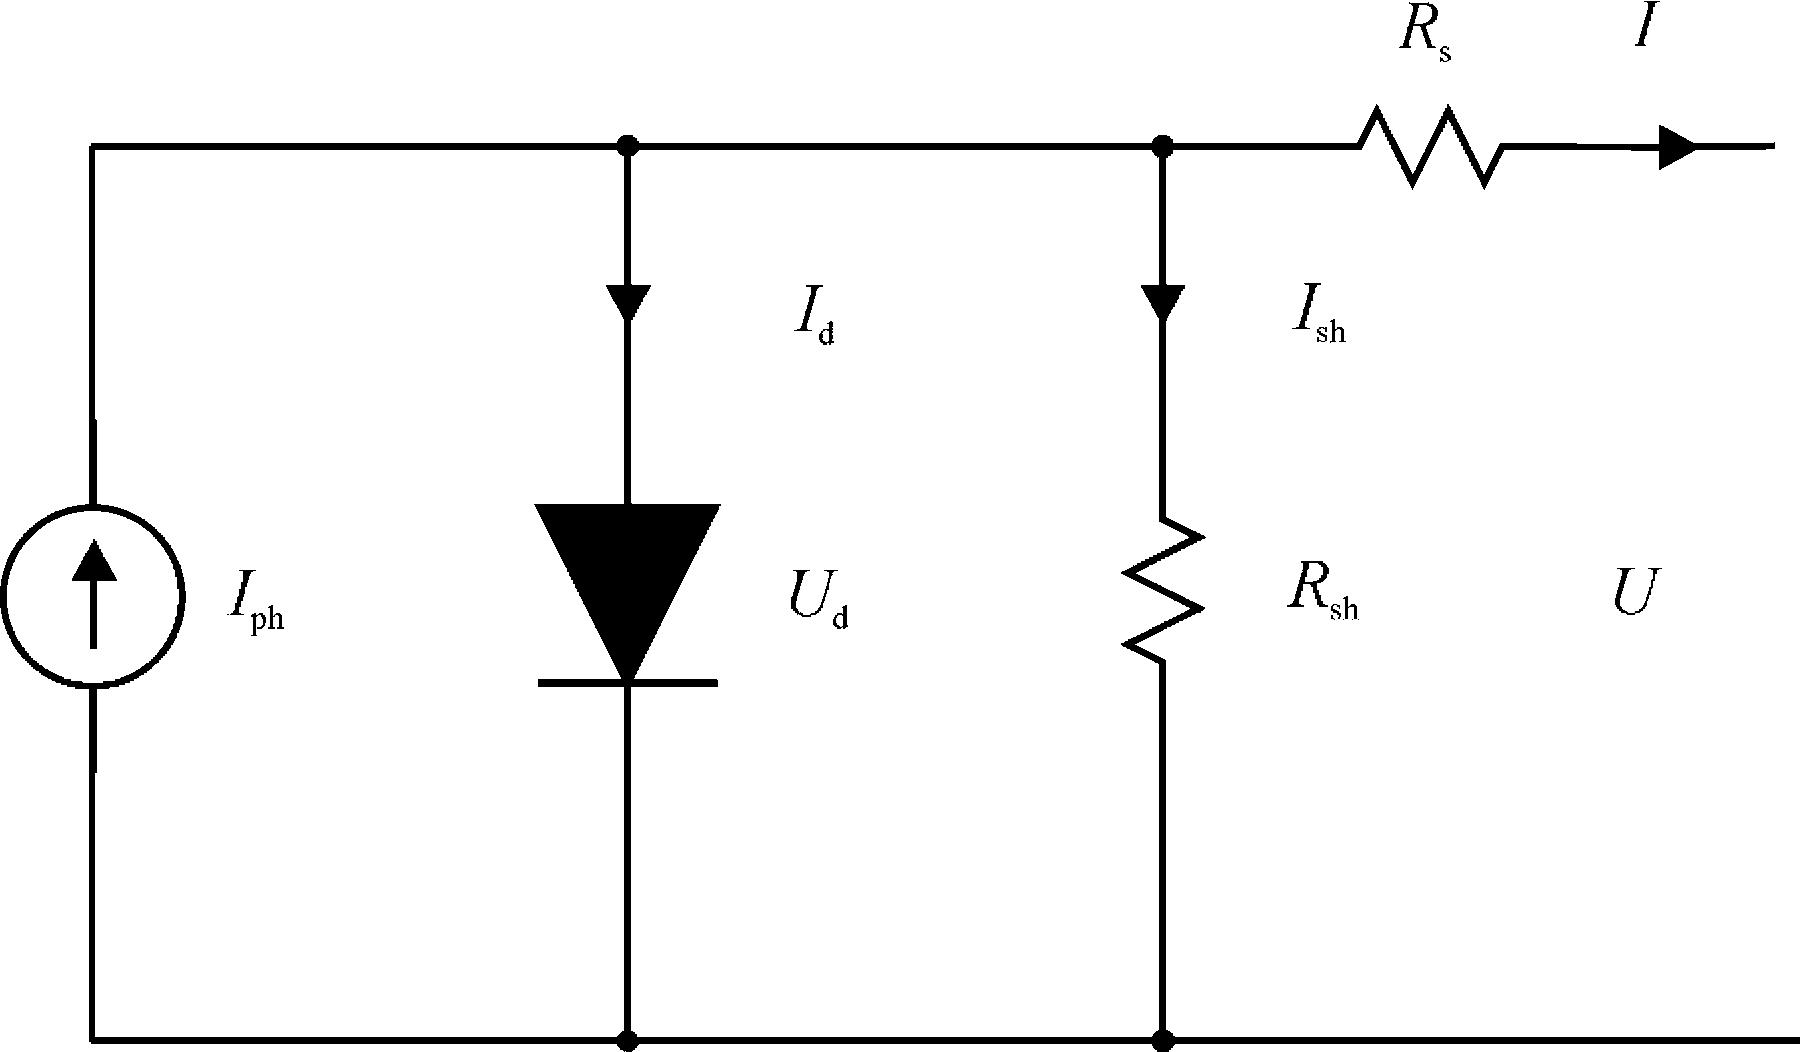 ترجمه مقاله تلفات توان ناشی از شرایط سایه جزئی در ماژولهای فوتوولتائیک سیلیکونی ساختهشده بصورت زنجیره بلند و اتصال موازی از حلقه های کوچک سری